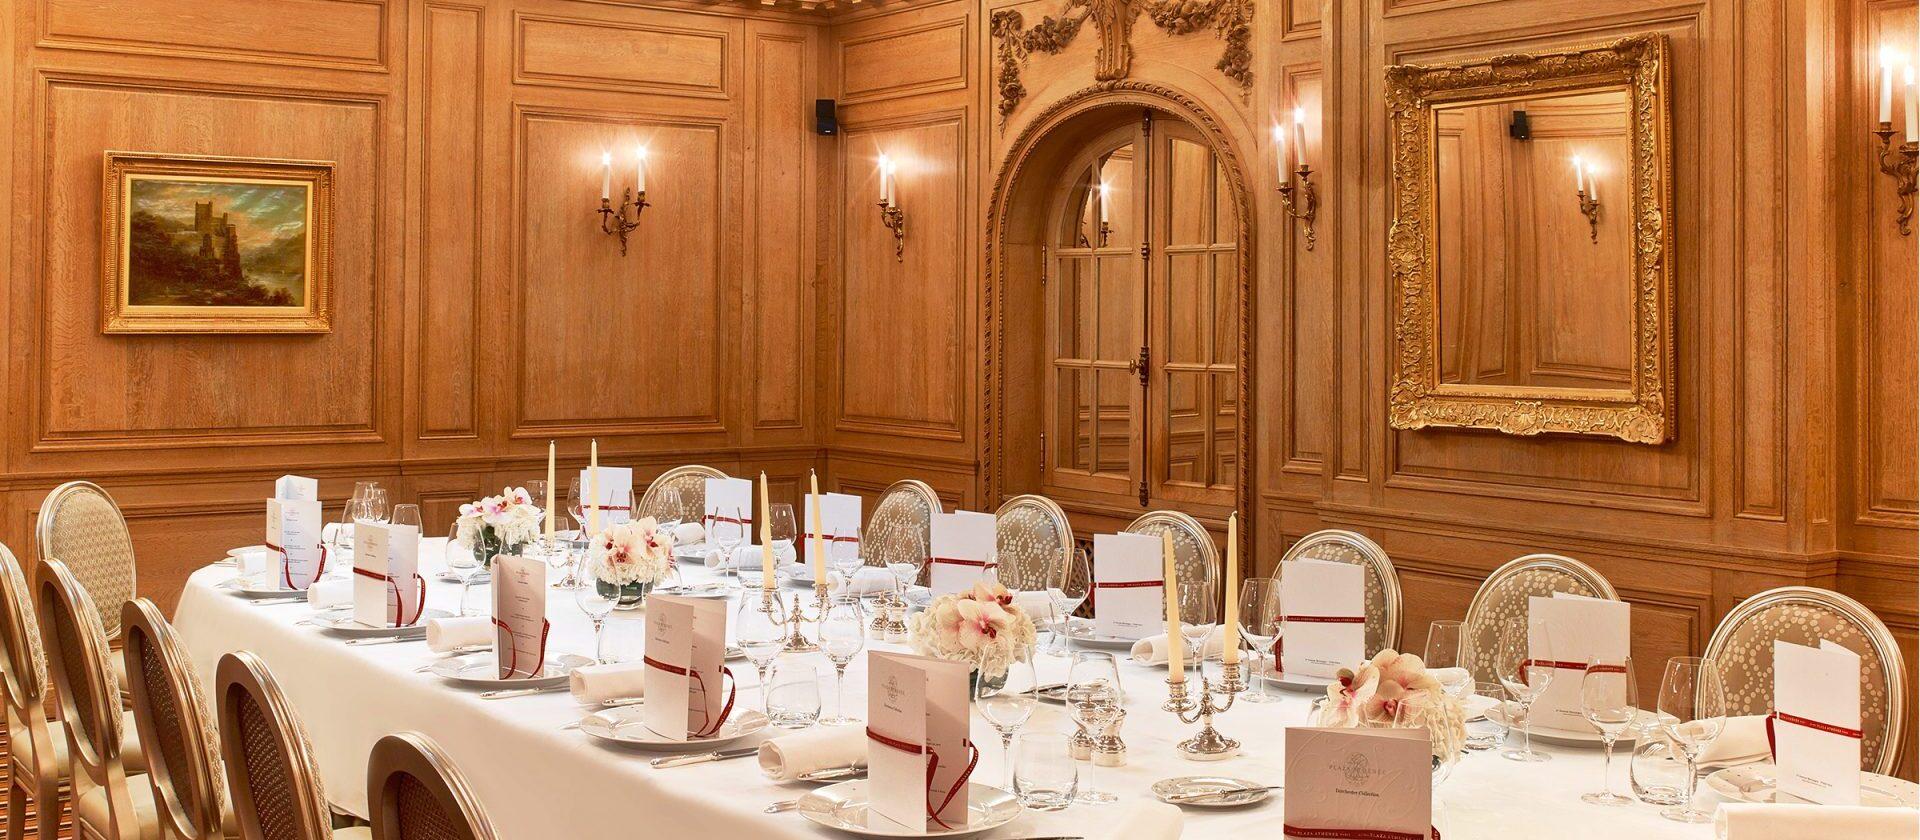 Le salon collection hotel plaza ath n e dorchester for Le salon paris